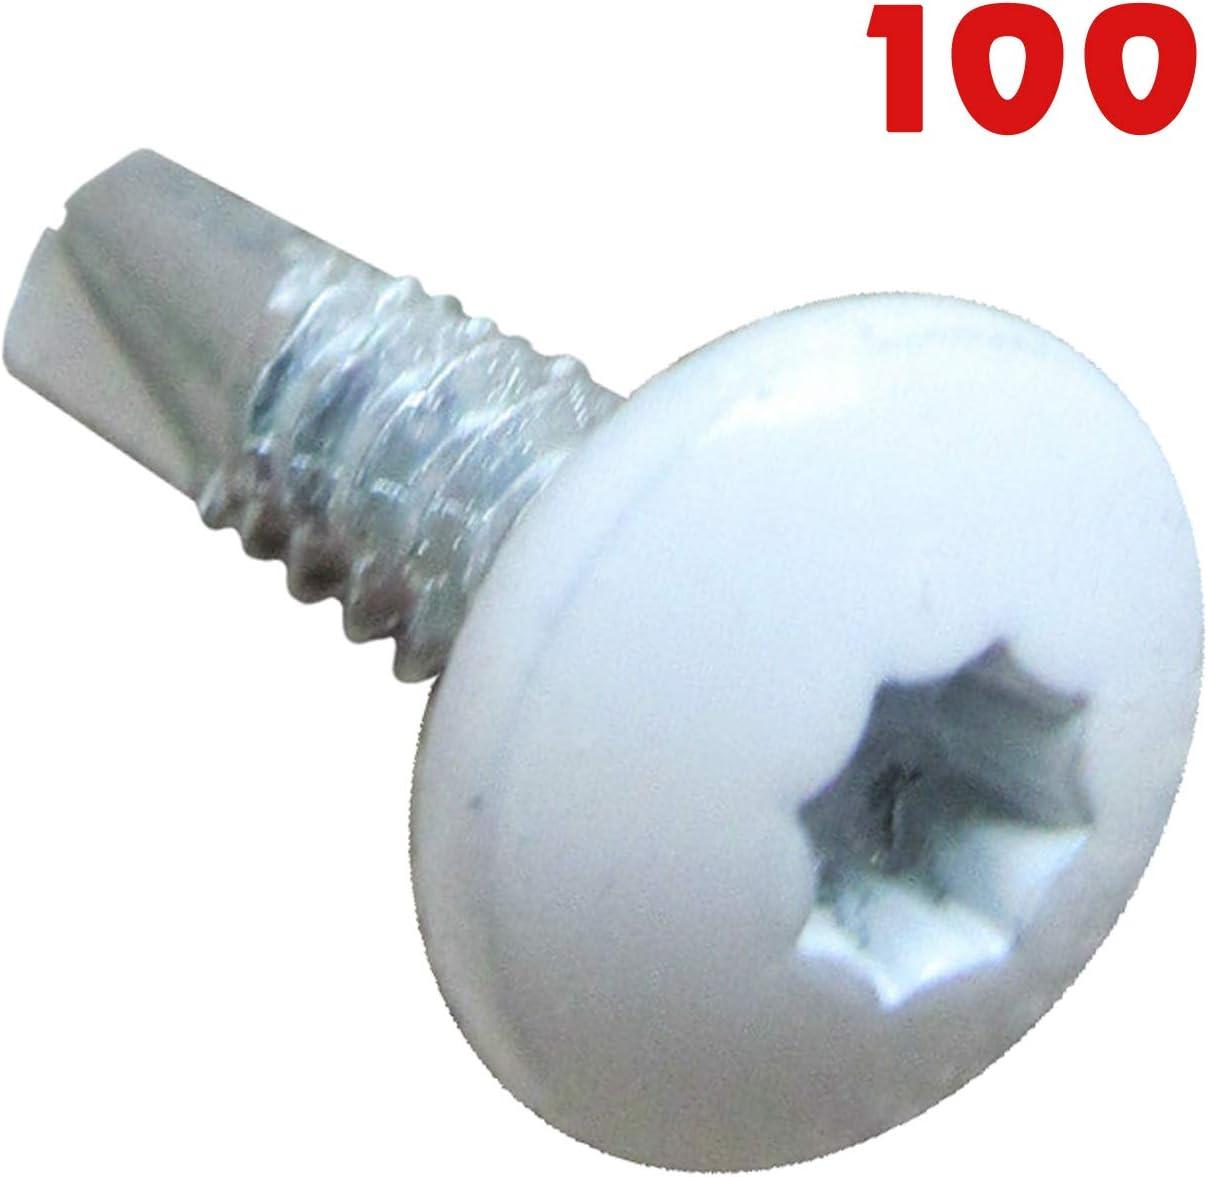 100 Pcs White 3//4 Cargo Utility RV Toy Trailer Exterior Self Tapping Screws